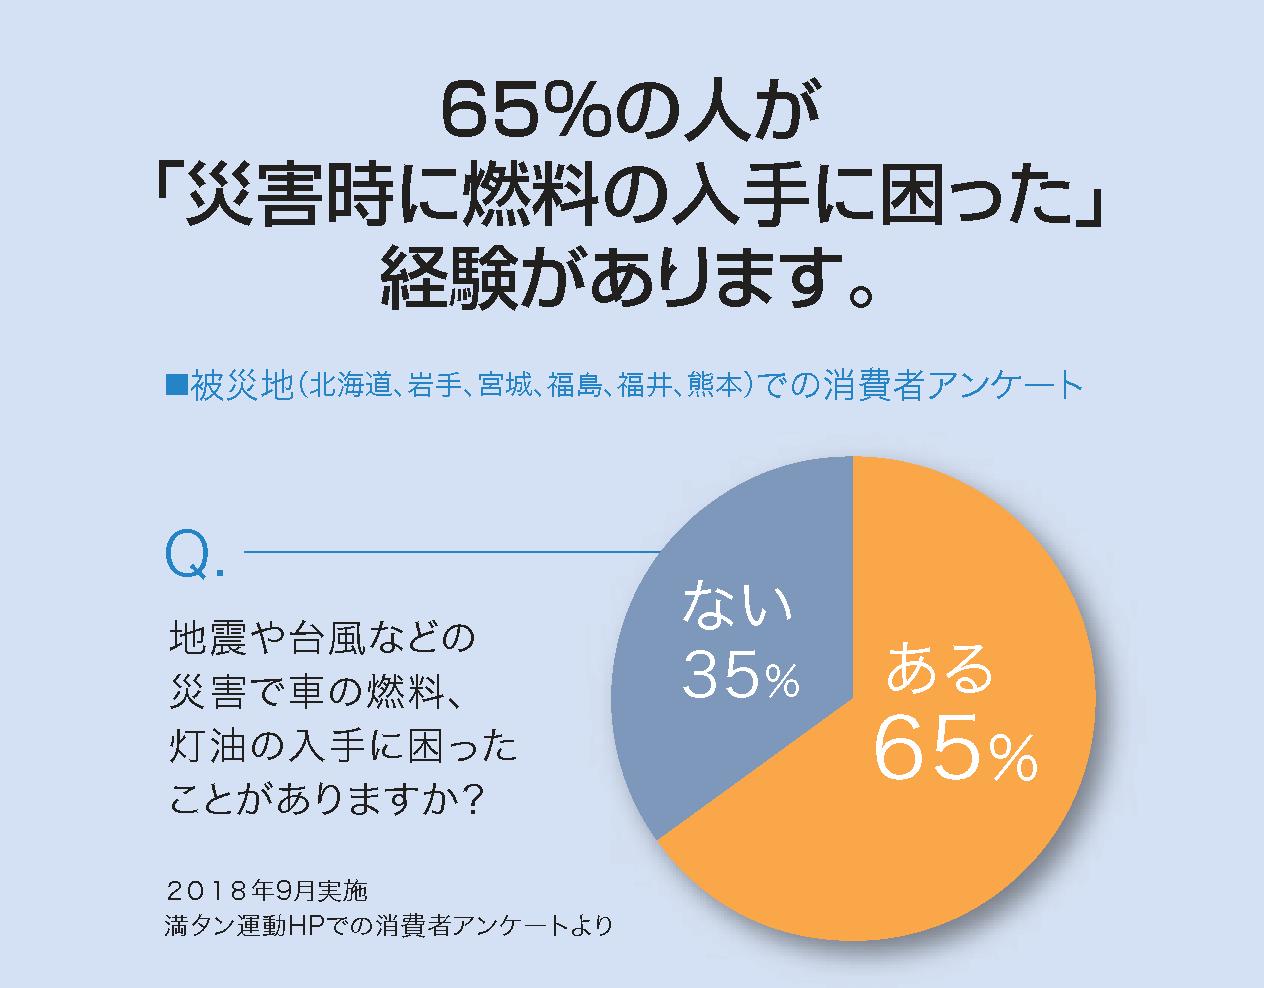 65%の人が困った経験